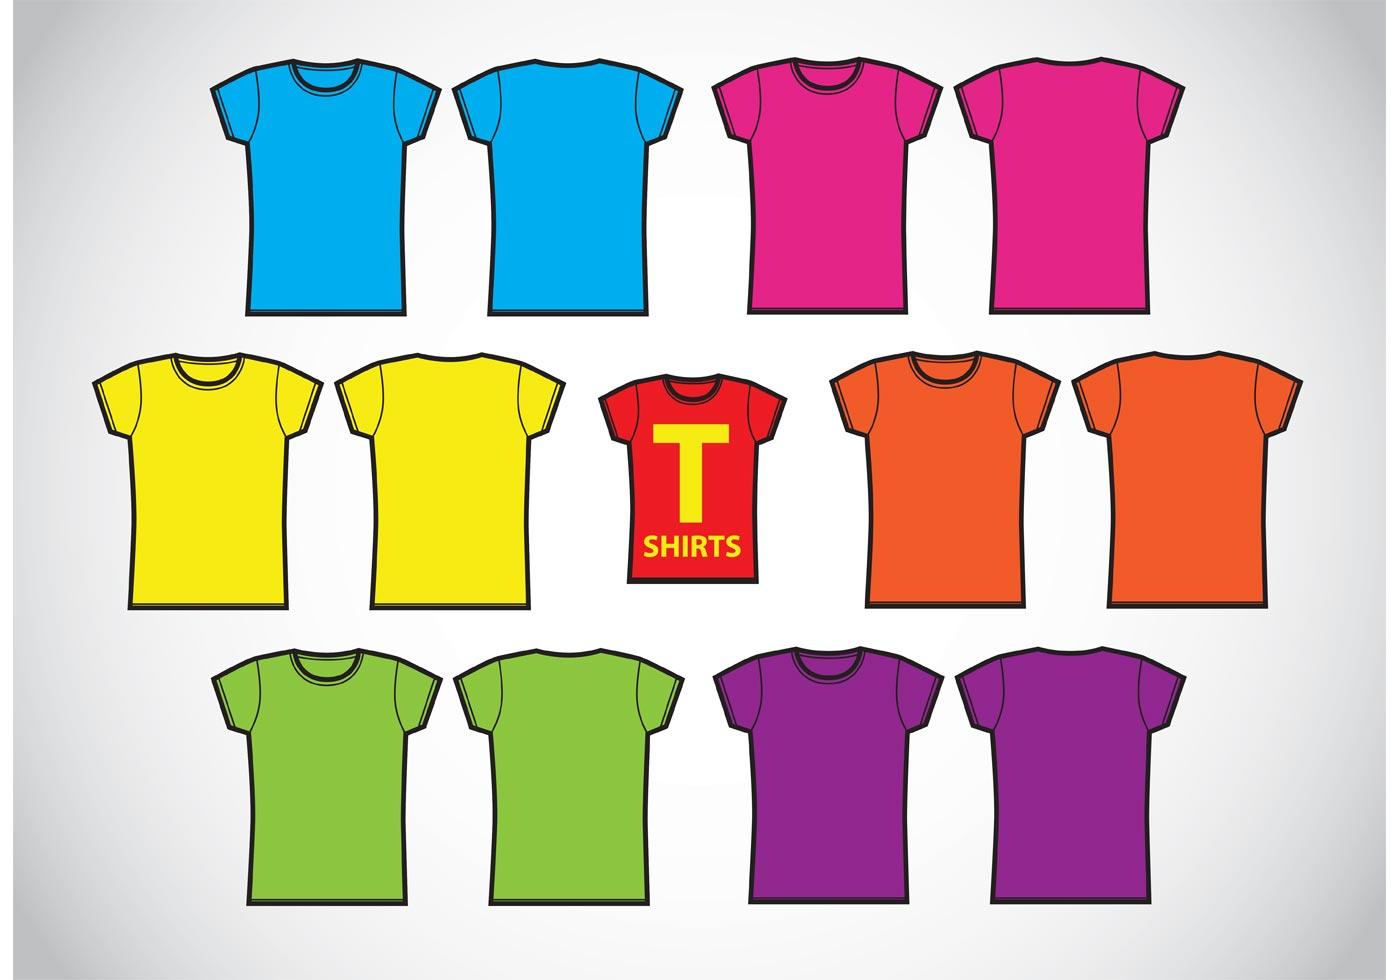 Chicas Camisetas Vectores De Plantilla - Descargue Gráficos y ...